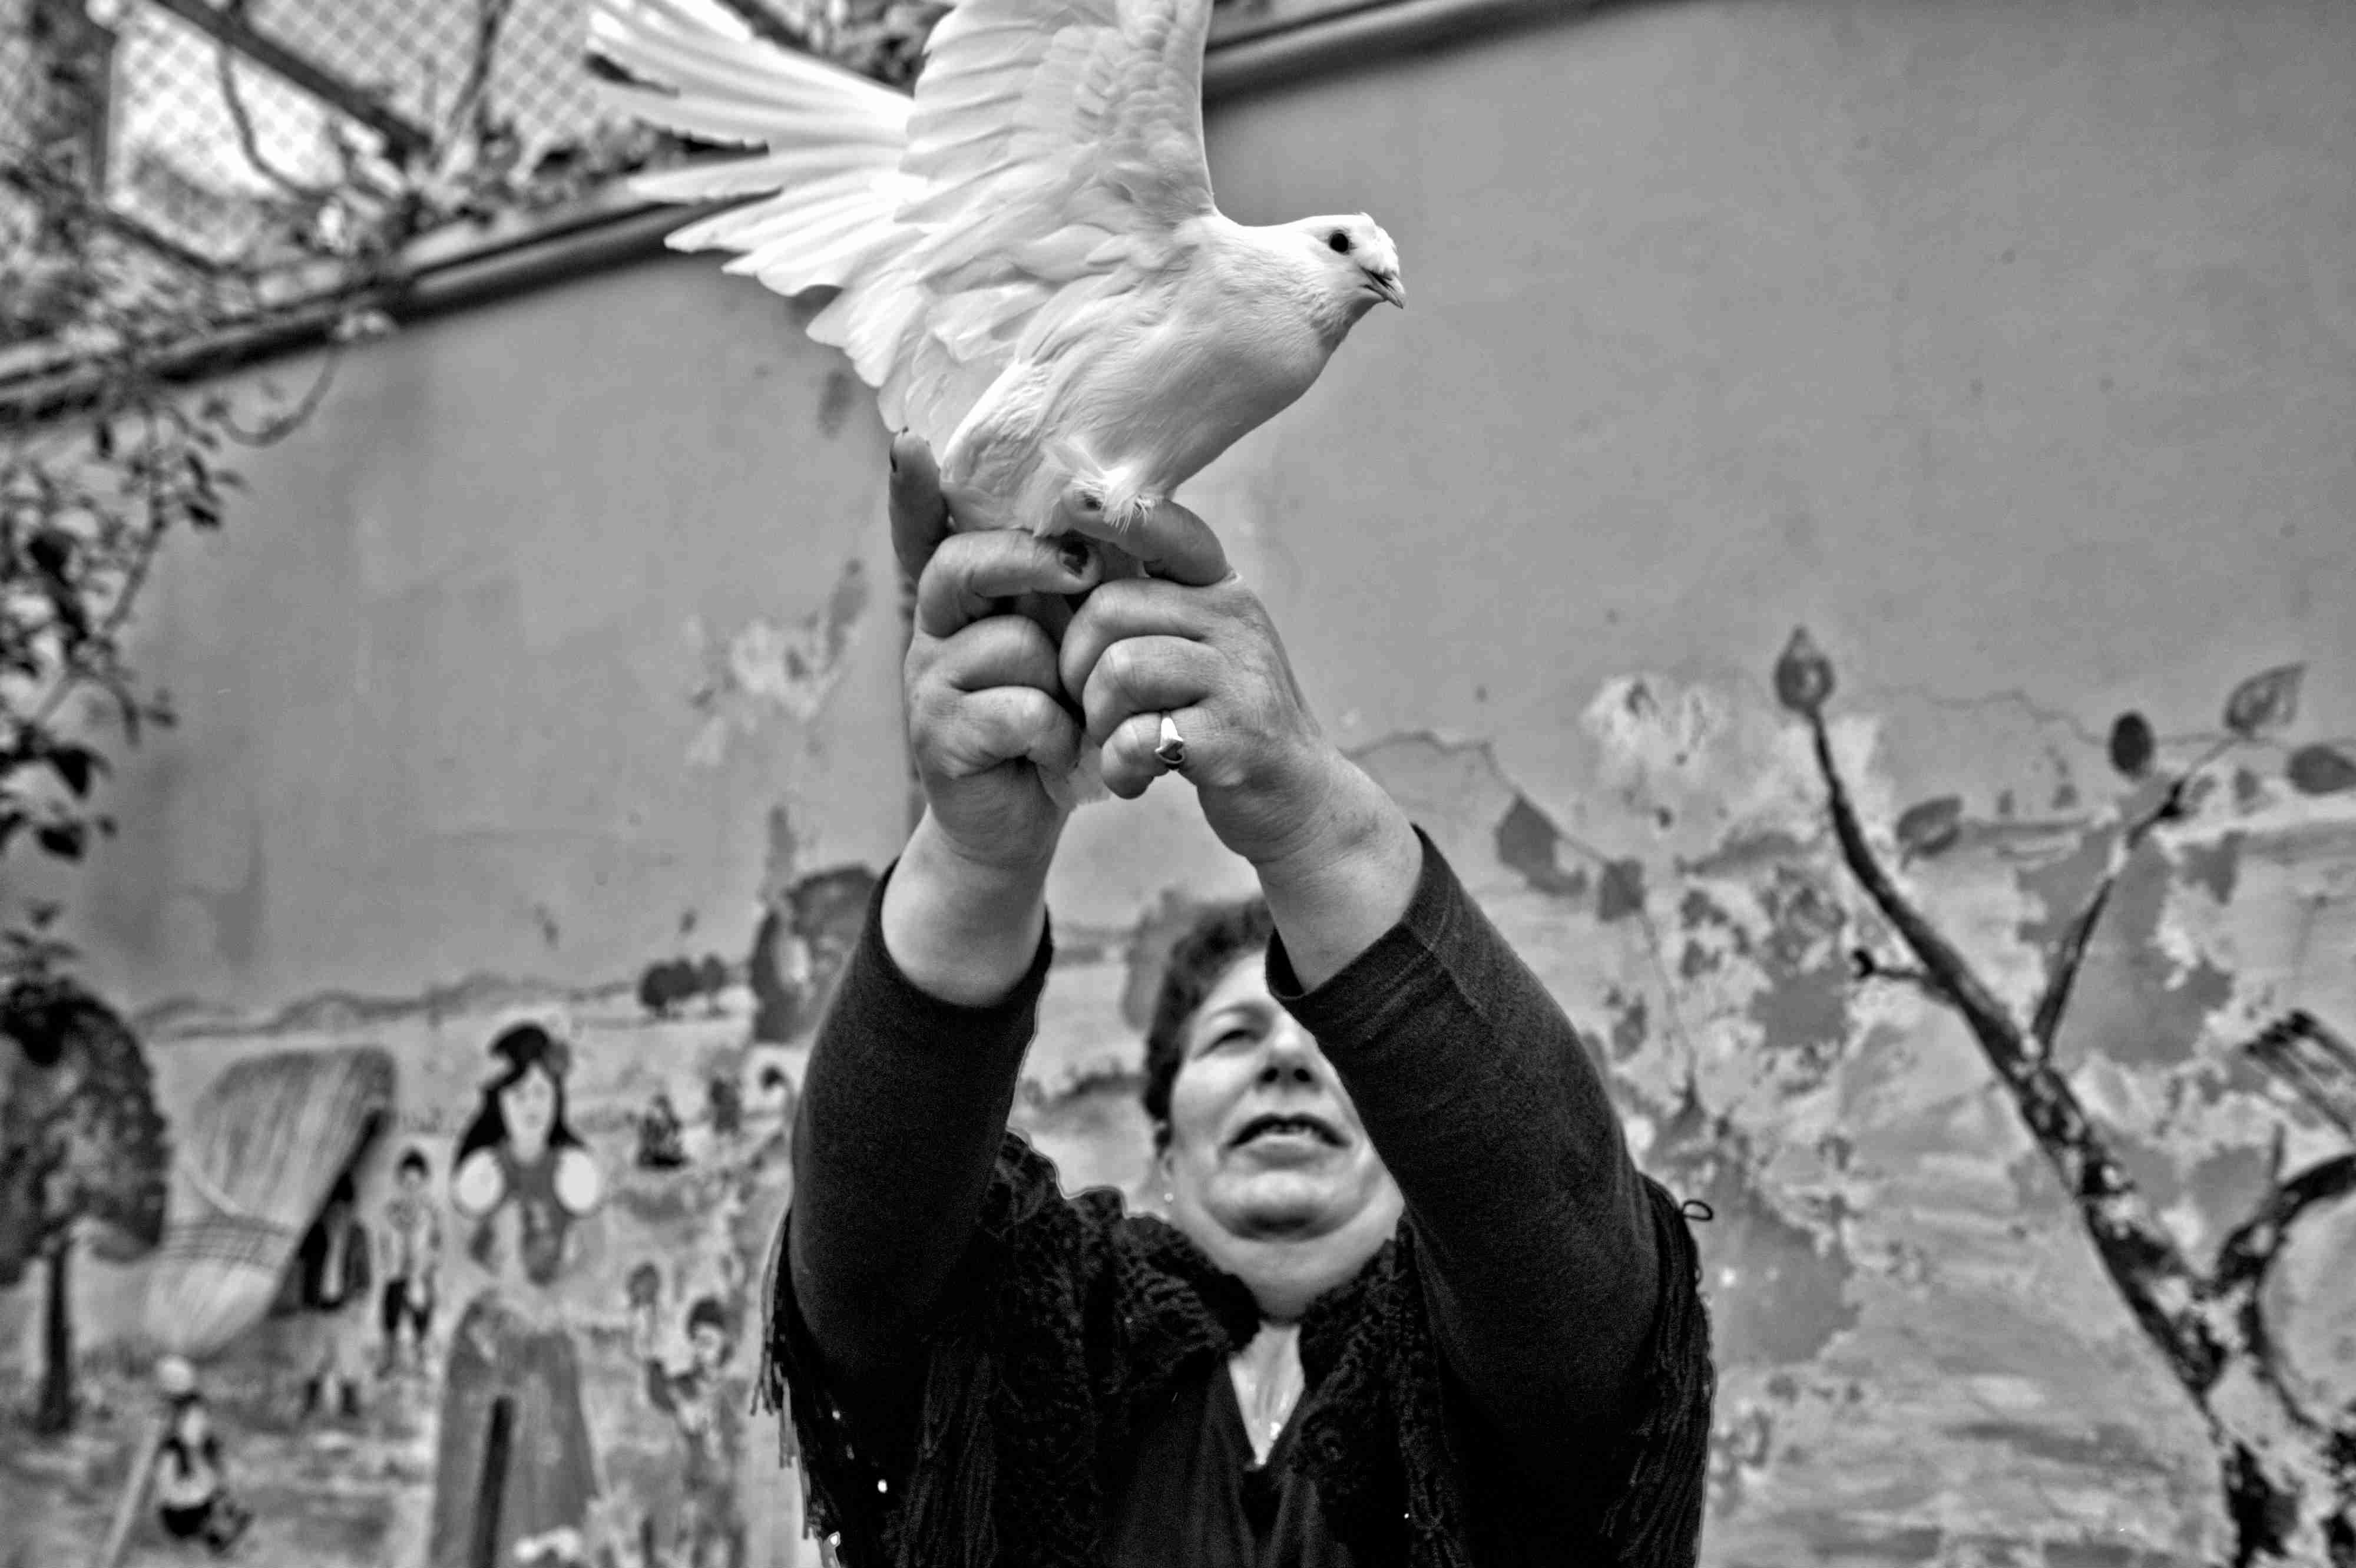 """Öjen Hanım beyaz güvercinlerden hoşlanıyor, """"İnsandan iyi vallahi, ben de kızıyordum baştan ama seviyorum şimdi"""" diyor."""